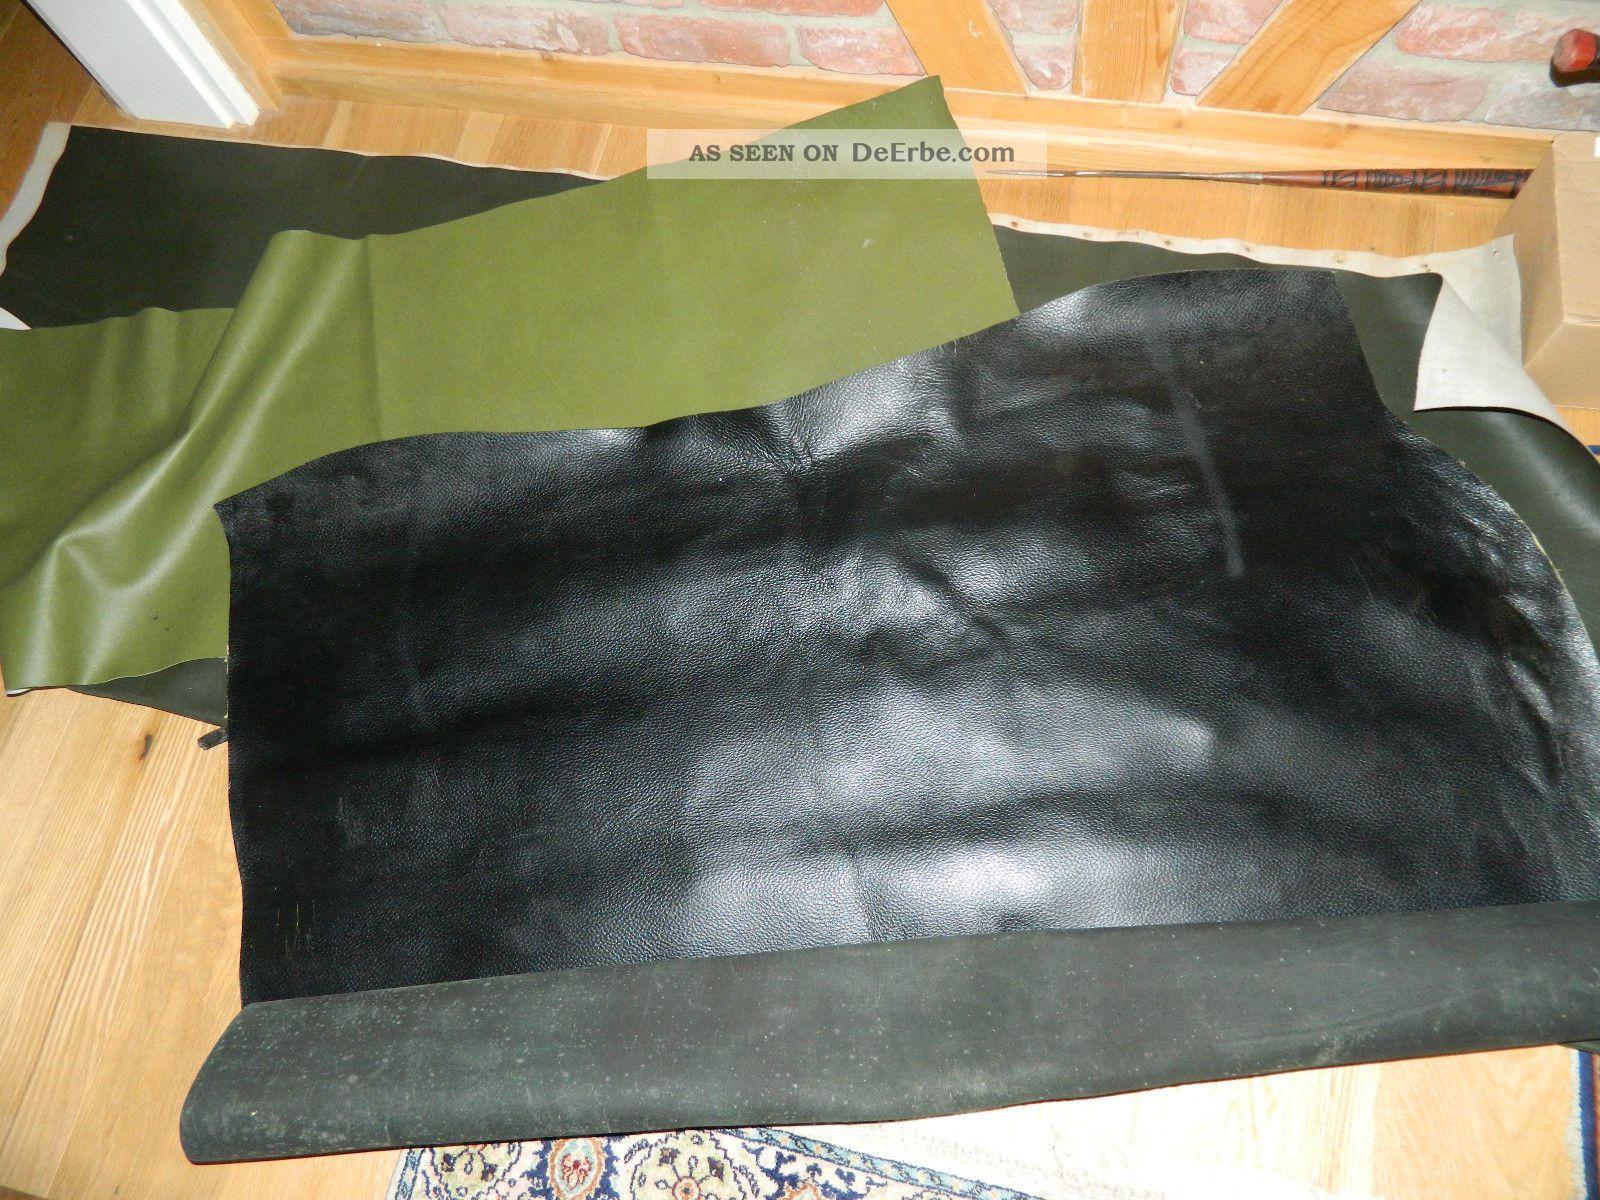 gro e leder sammlung basteln leder reste. Black Bedroom Furniture Sets. Home Design Ideas